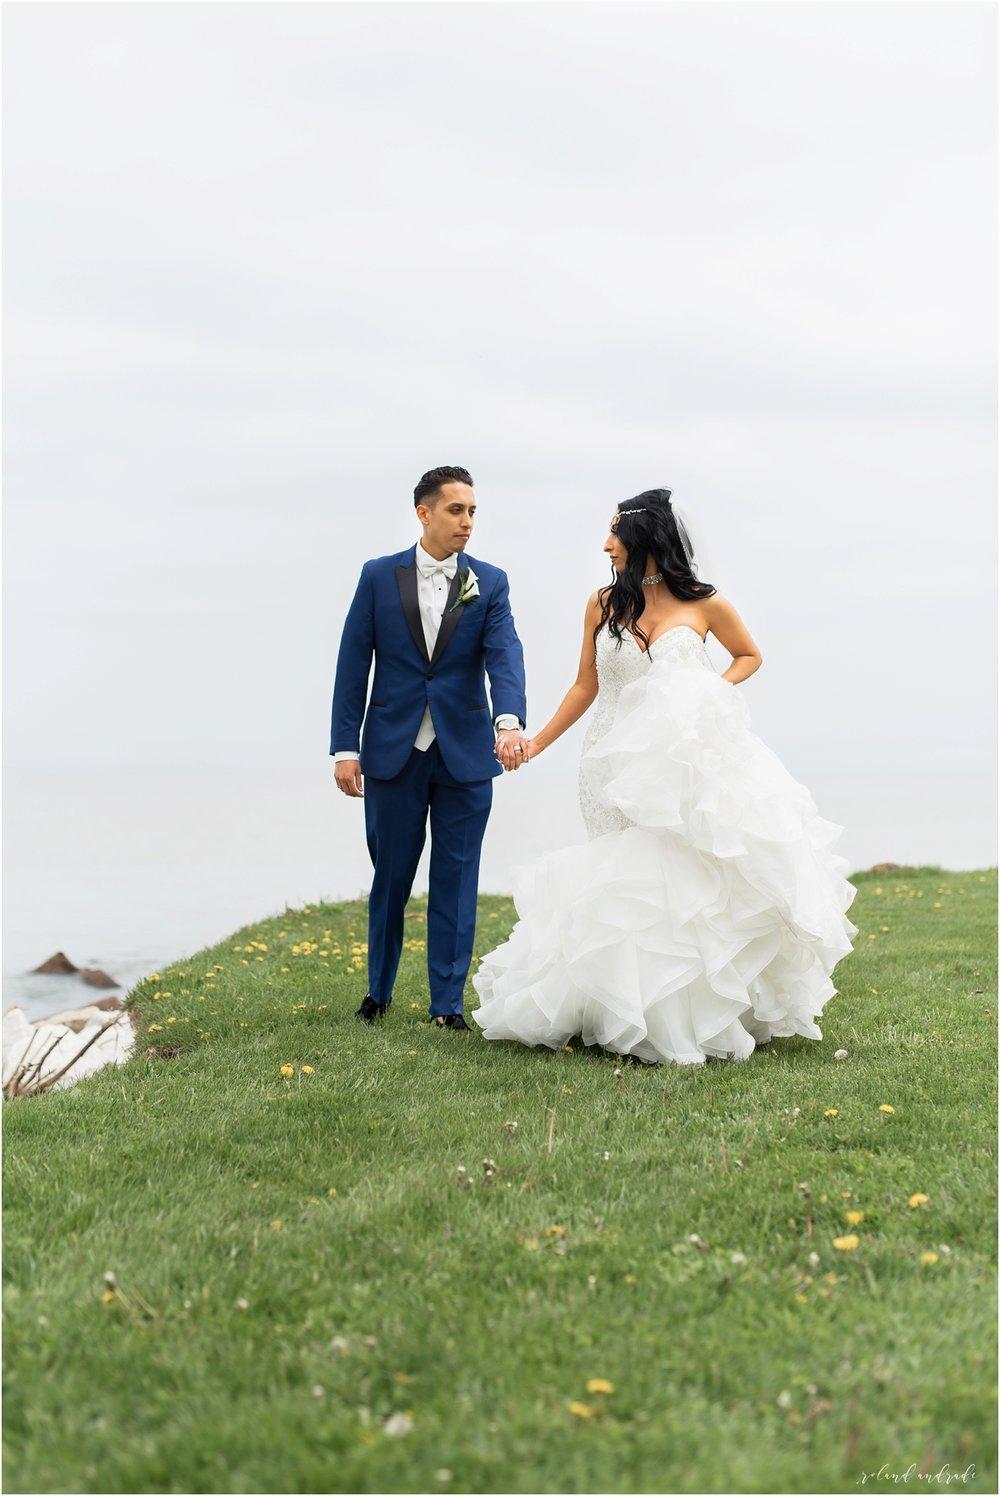 Italian American Society Wedding in Kenosha Wisconsin, Kenosha Wisconsin Wedding Photographer, Chicago Wedding Photography Kenosha Mexican Italian Wedding_0042.jpg